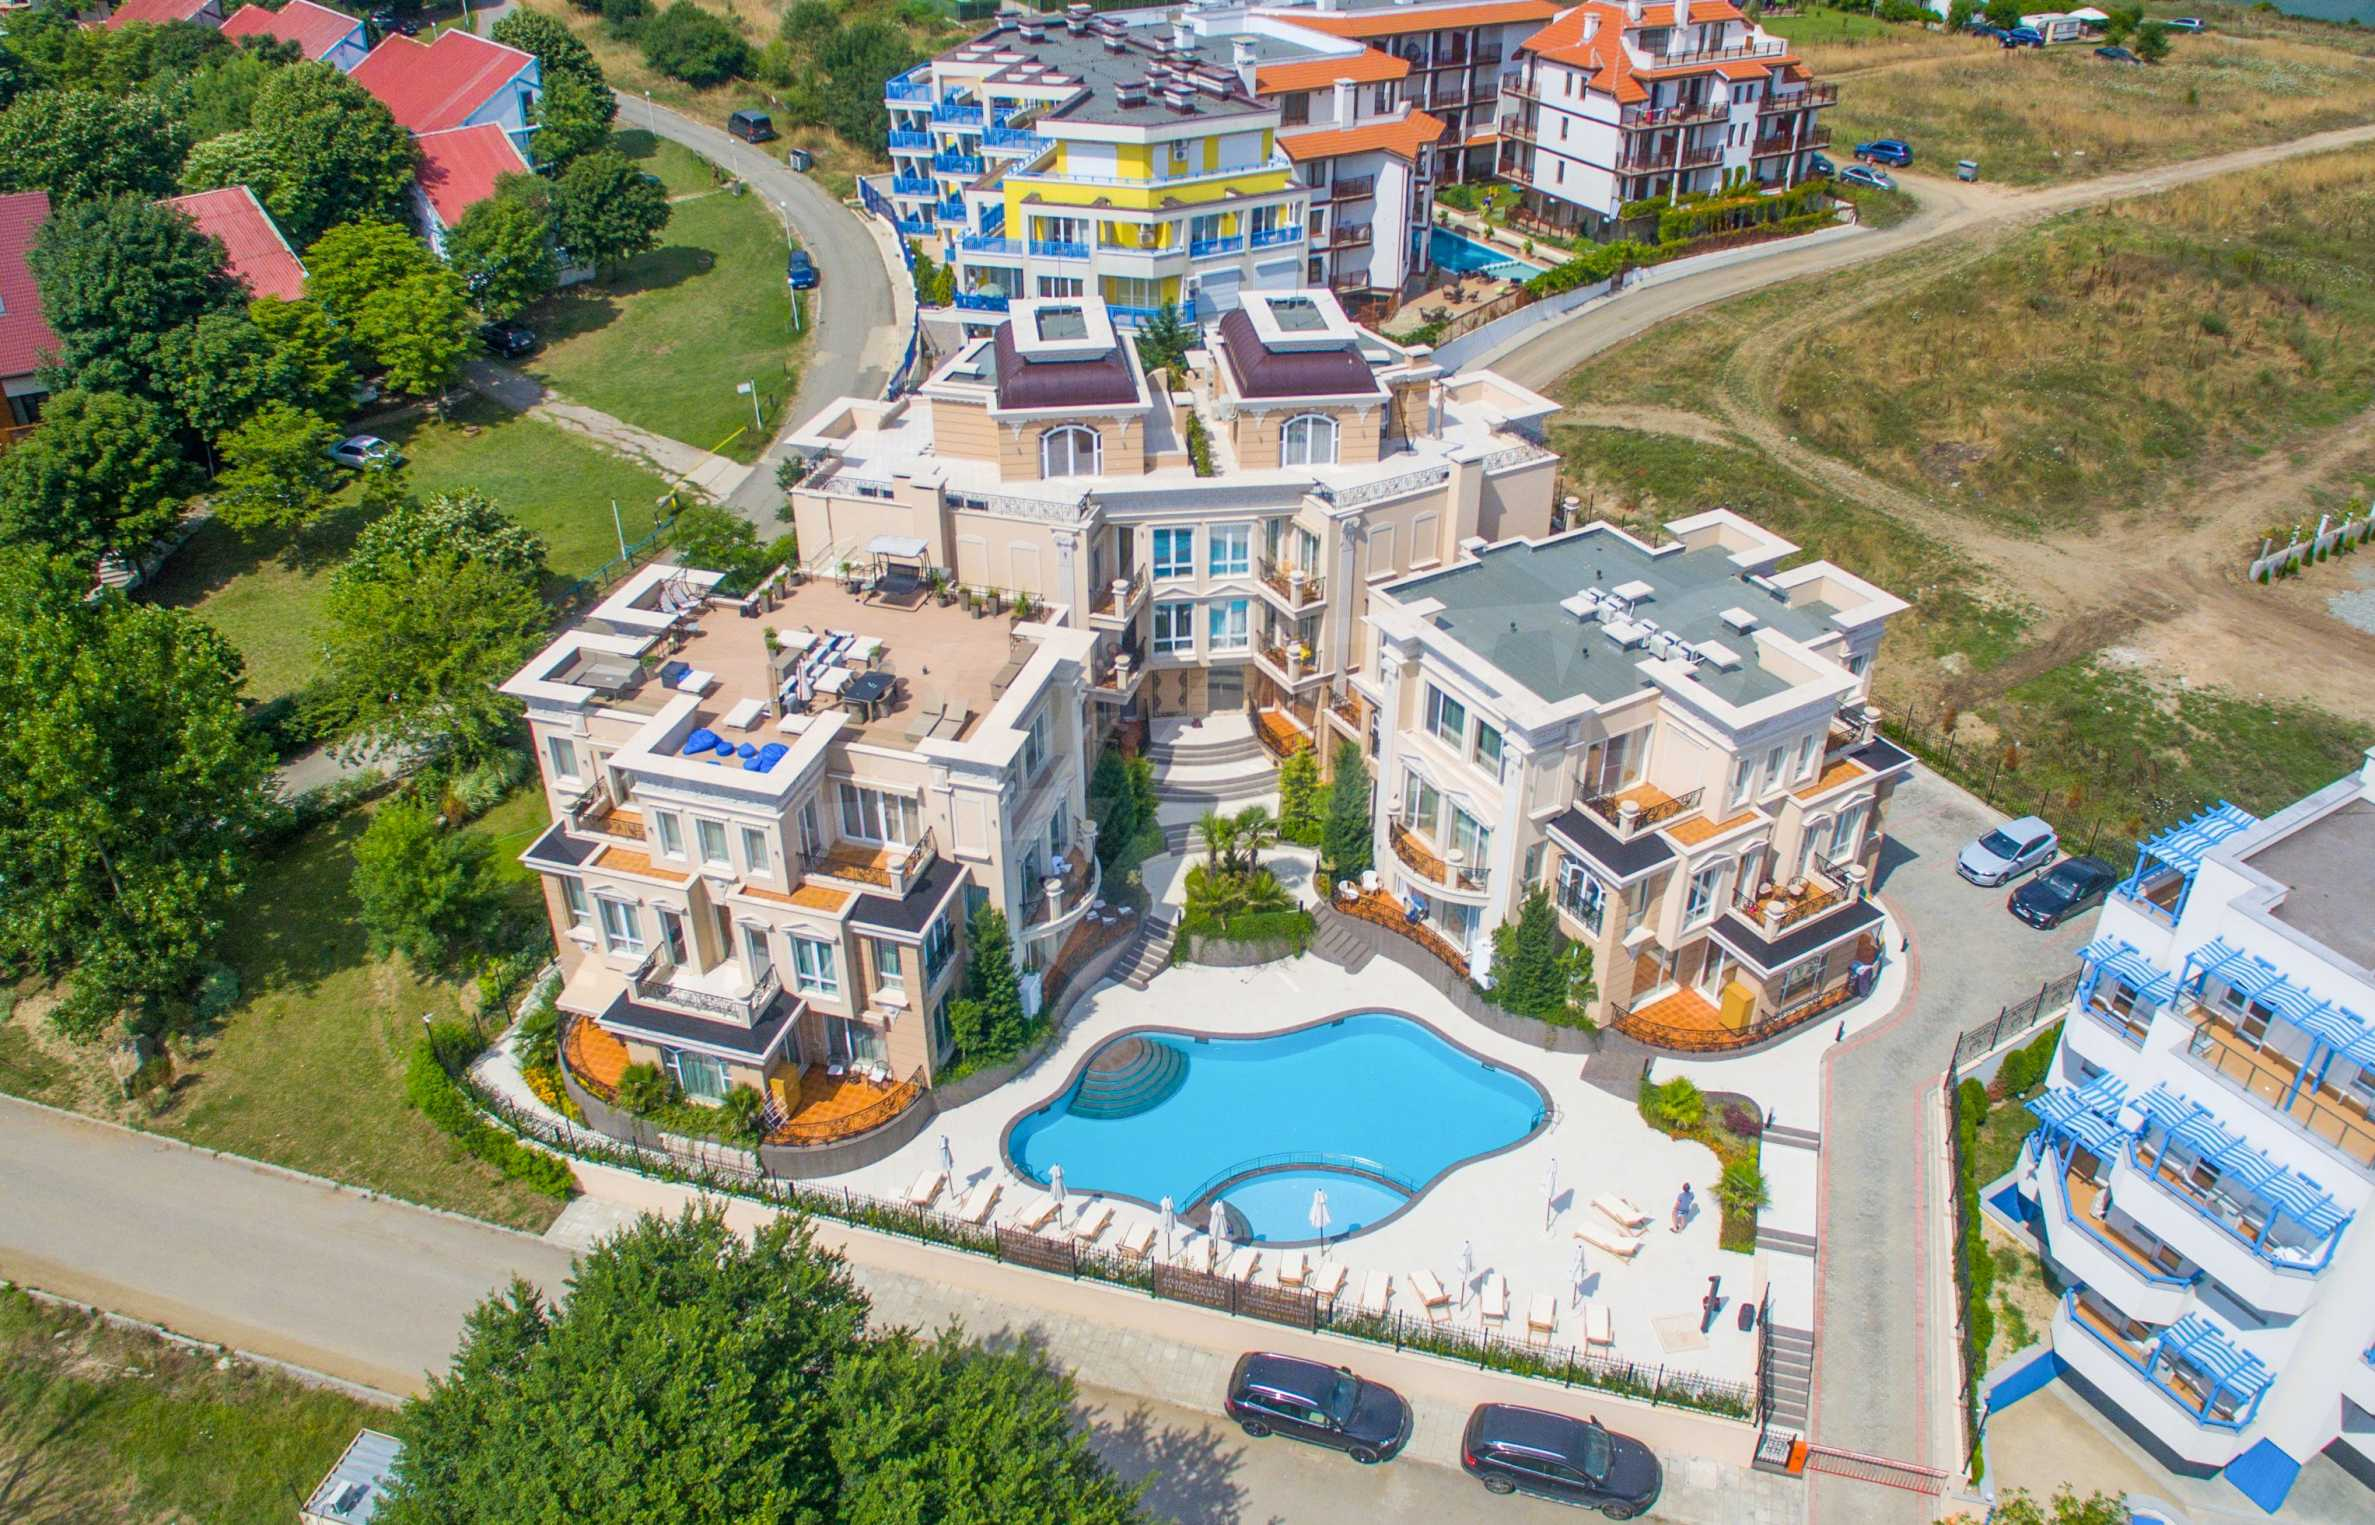 Двустаен апартамент в бутиковата резиденция до Централен плаж - Belle Époque (ап. №A 305) 25